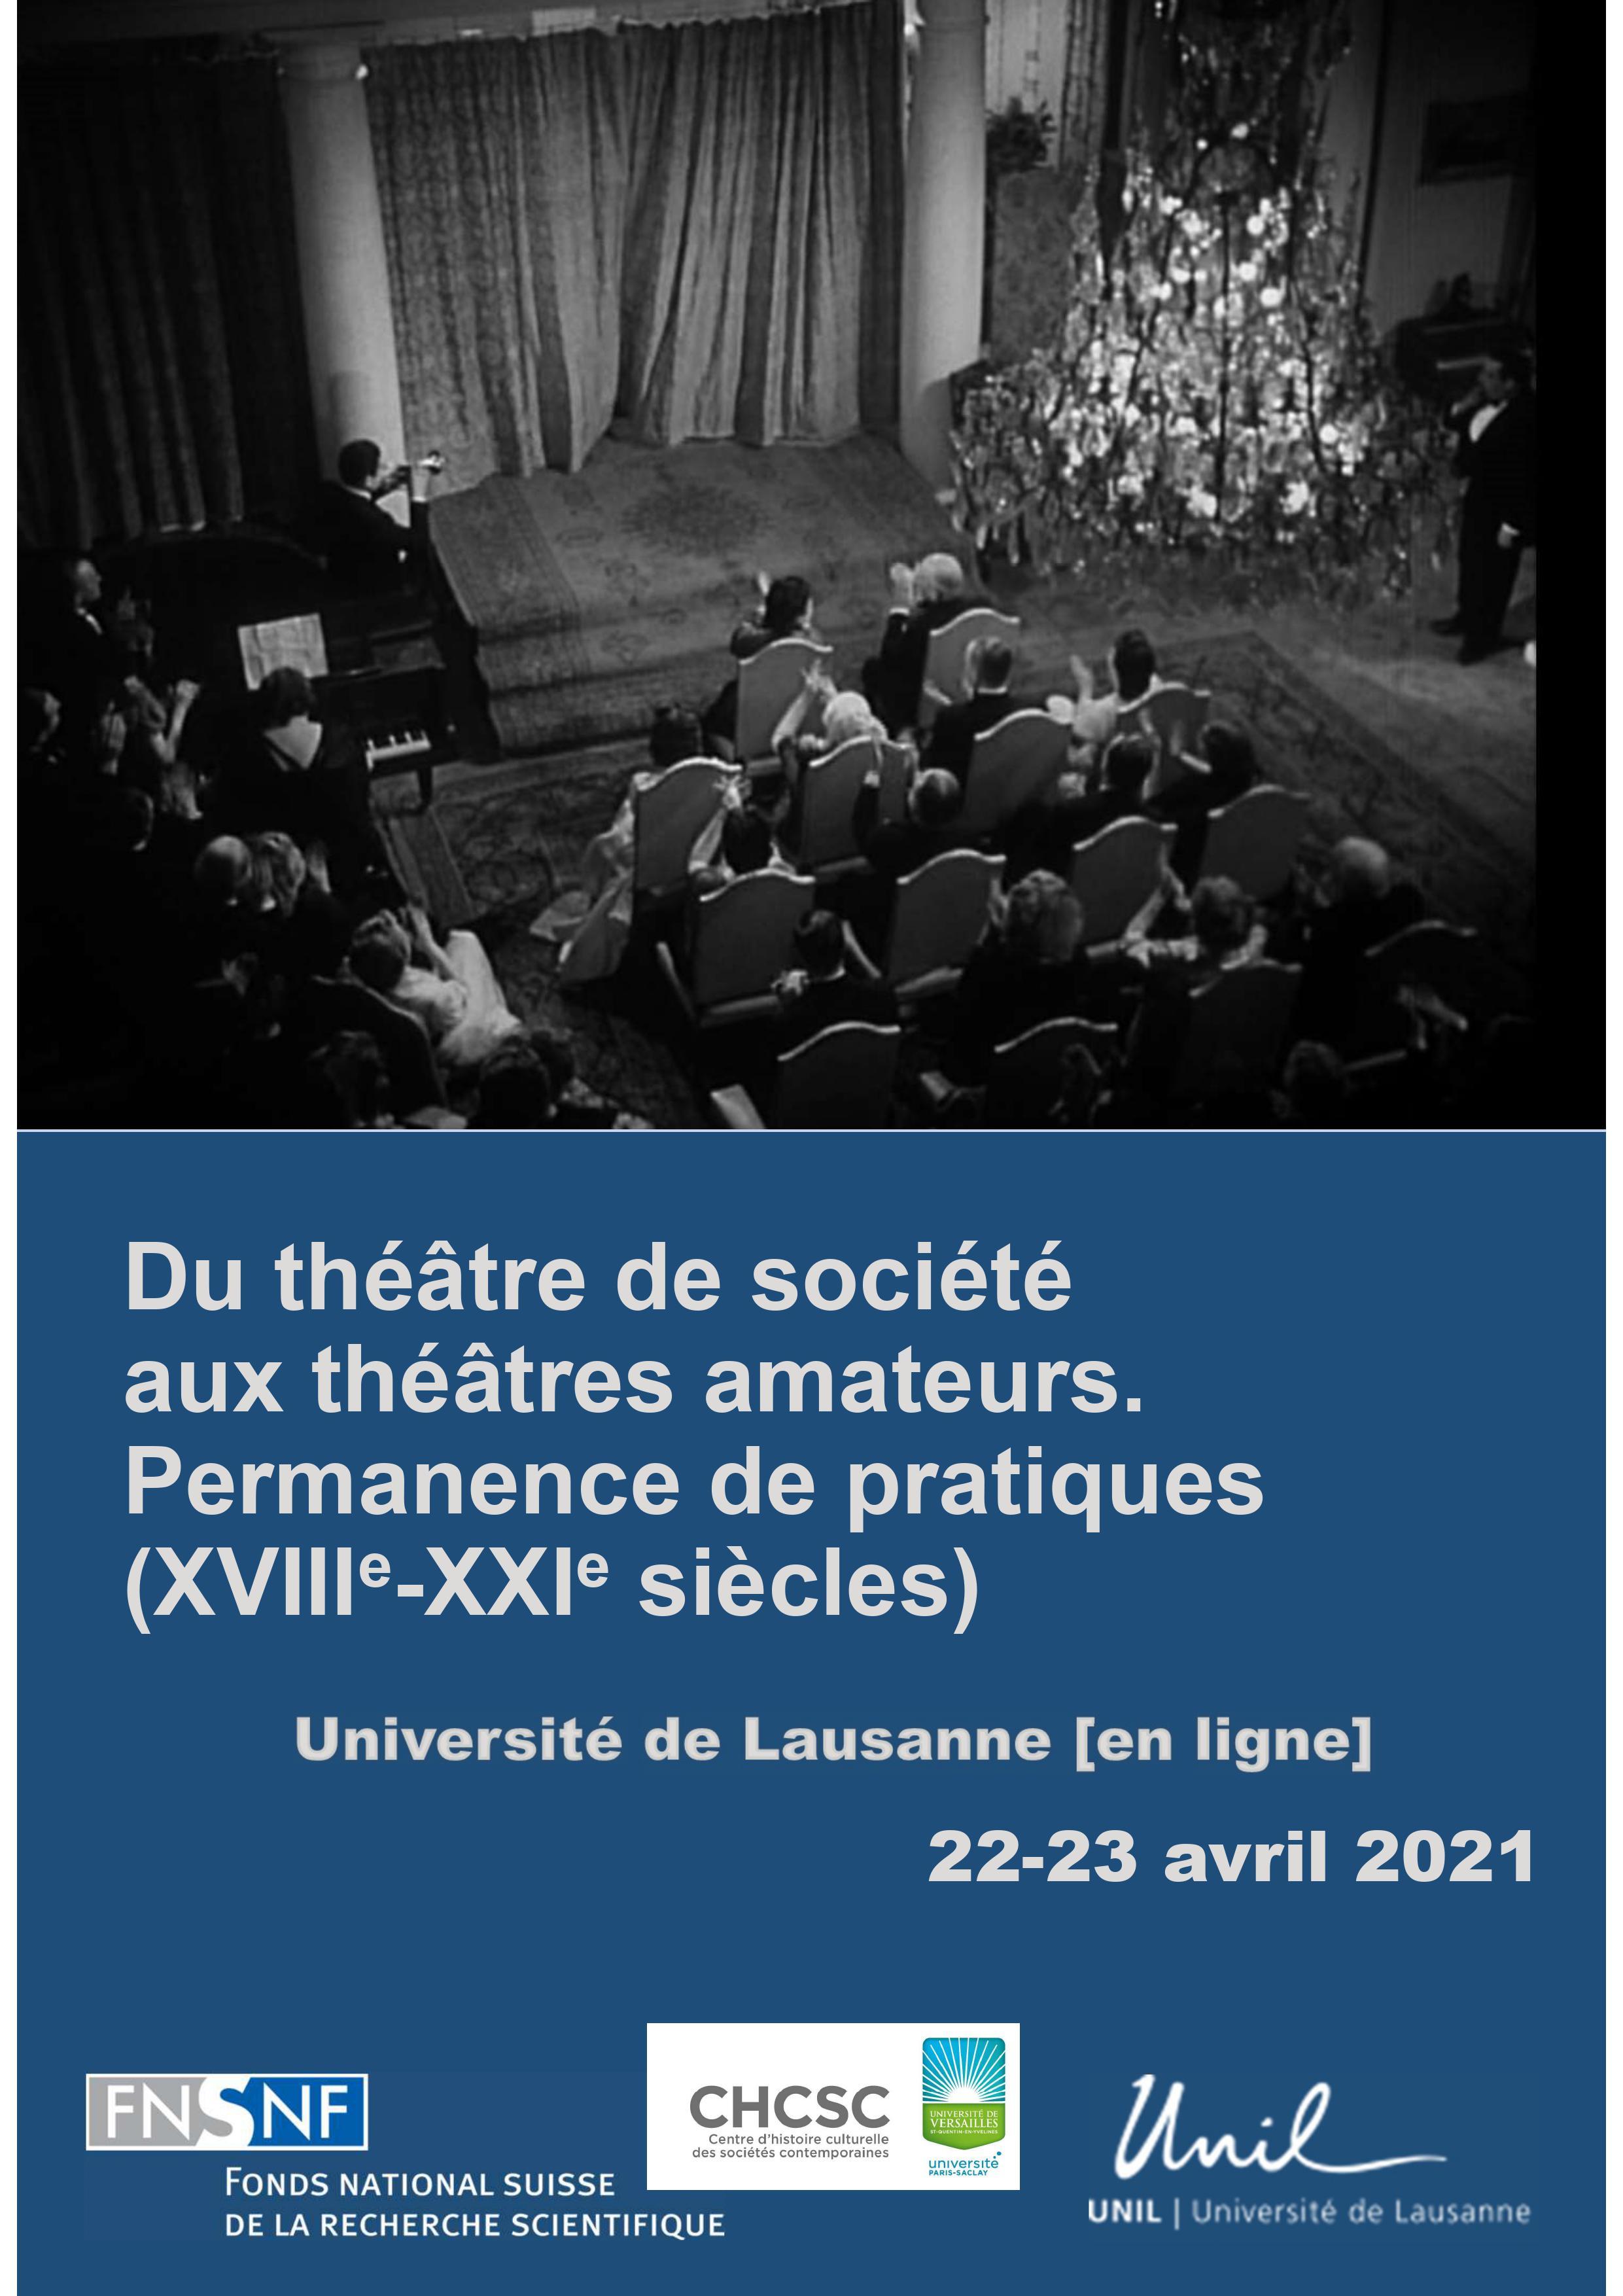 Du théâtre de société aux théâtres amateurs. Permanence de pratiques. XVIIIe-XXIe s. (Lausanne, en ligne)